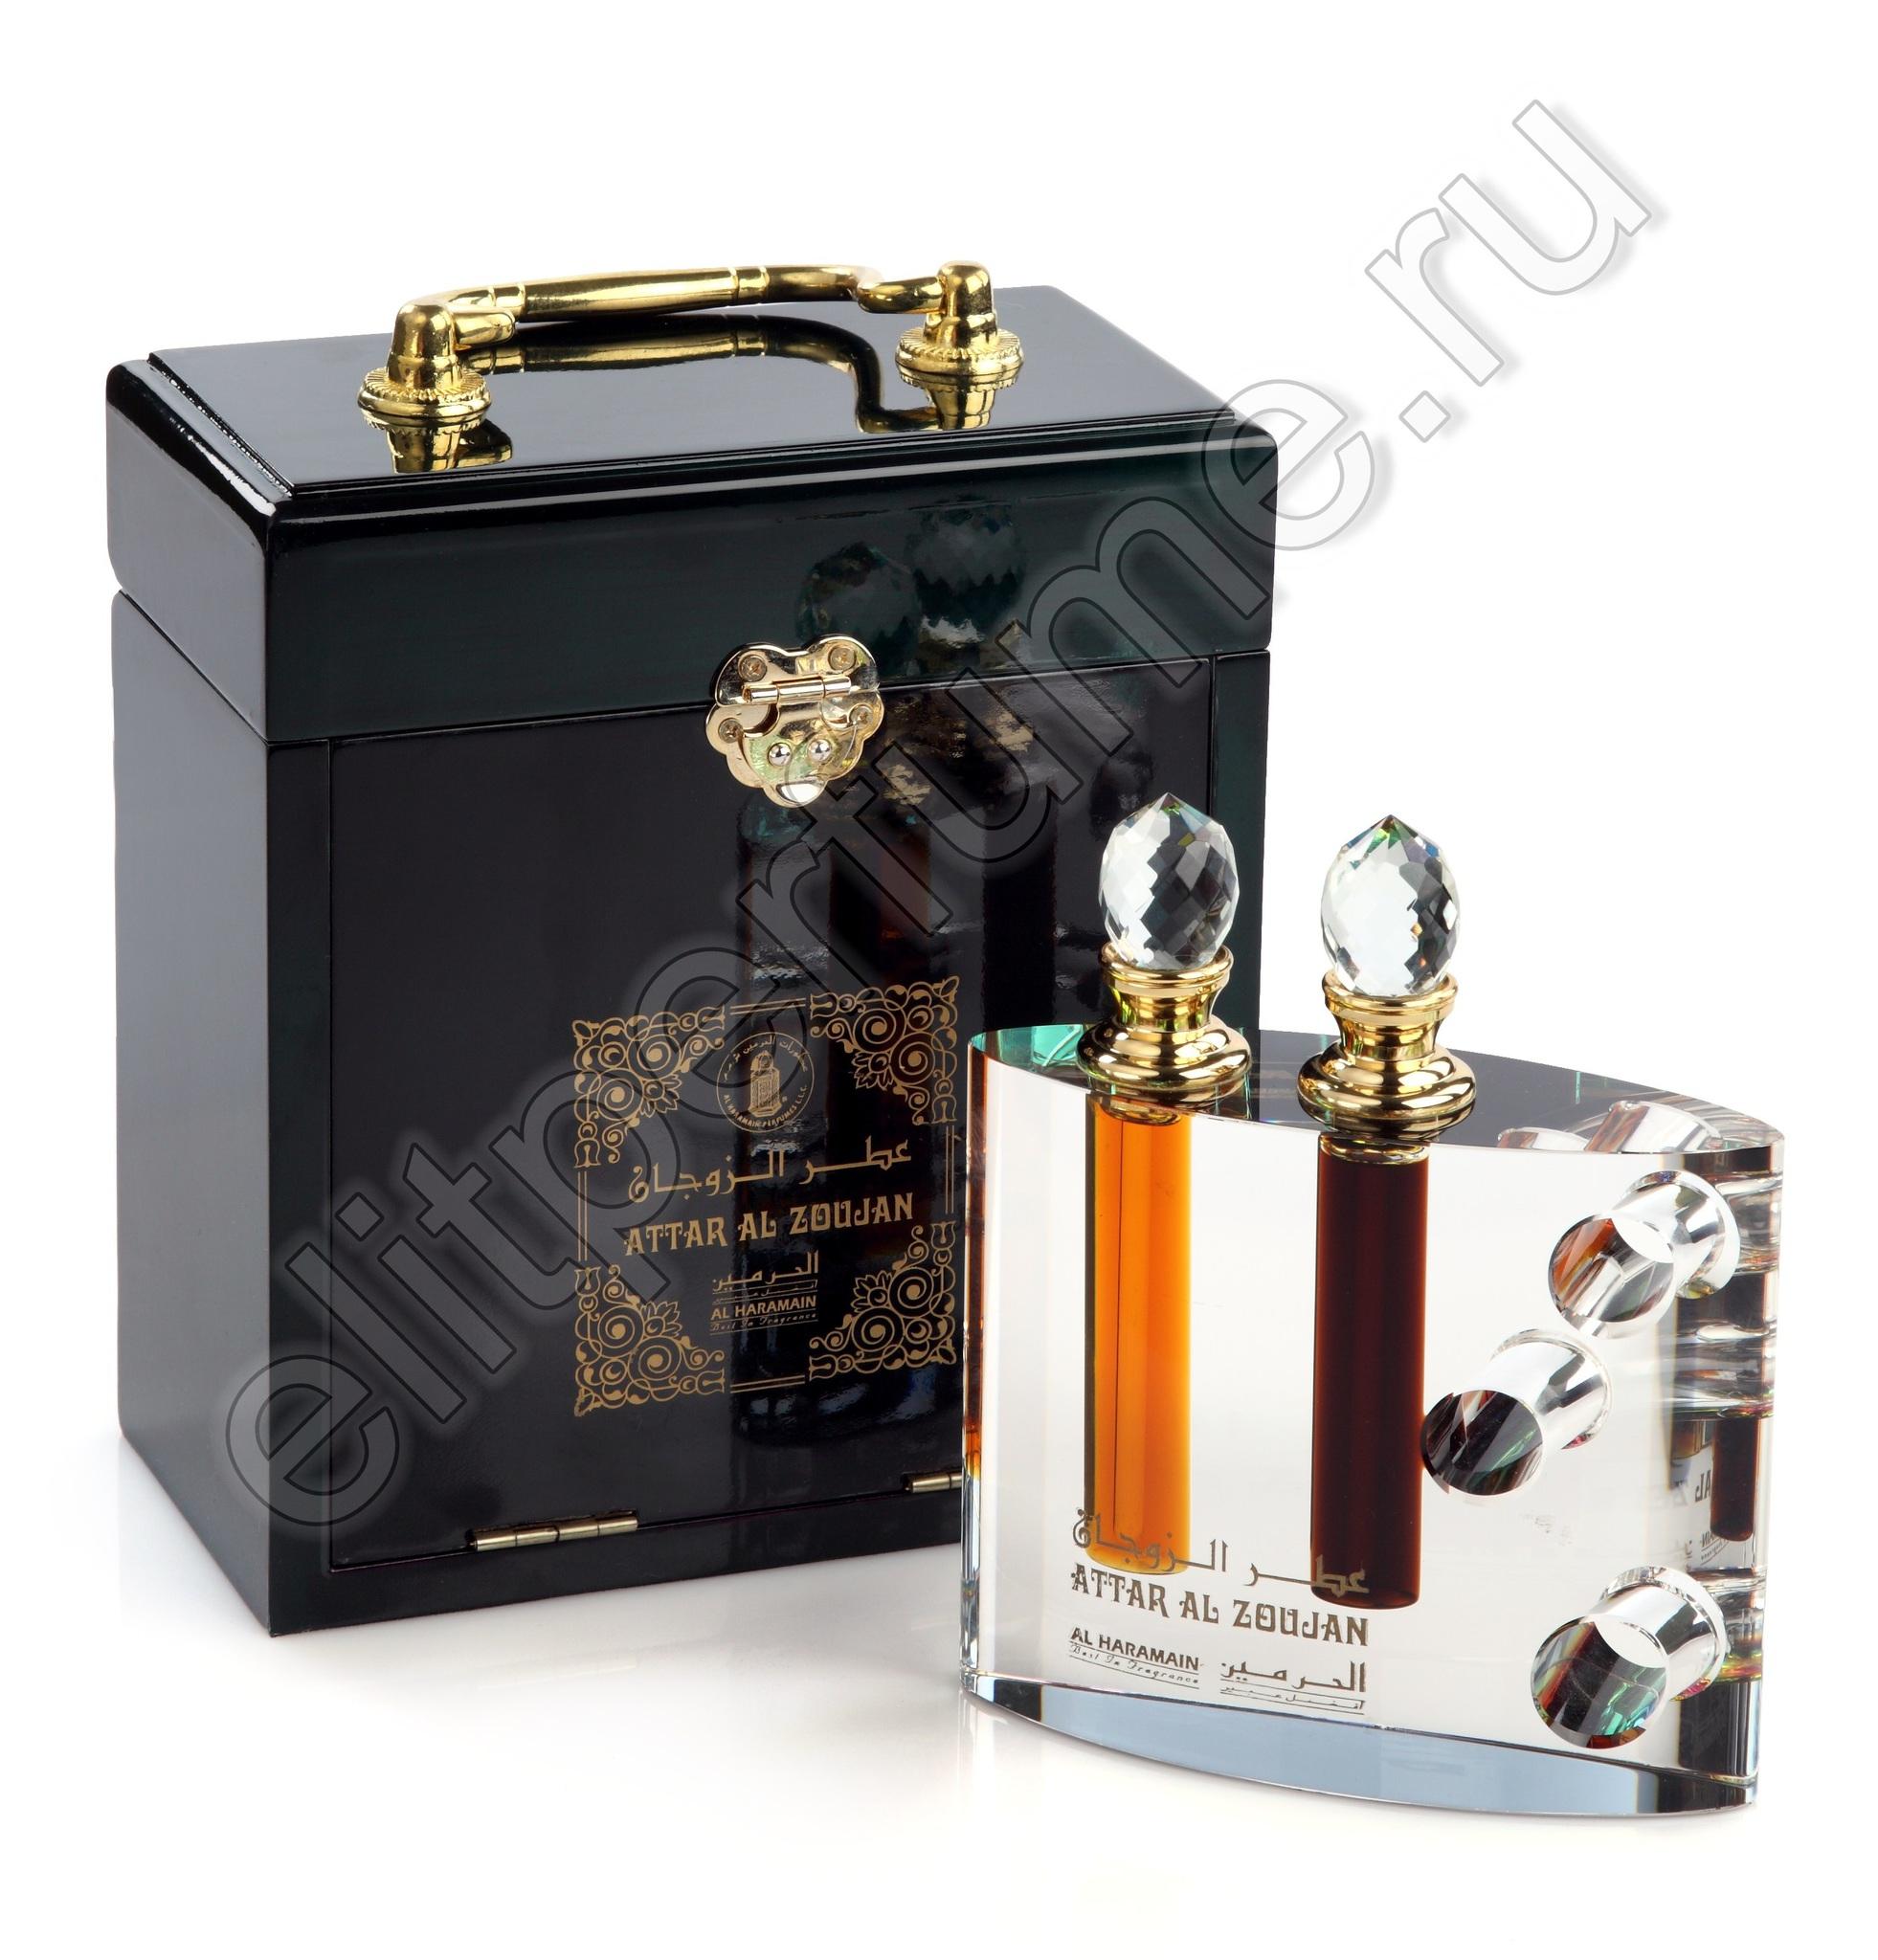 Аттар Аль Зуджан Attar Al Zoujan 24 мл арабские масляные духи от Аль Харамайн Al Haramain Perfumes